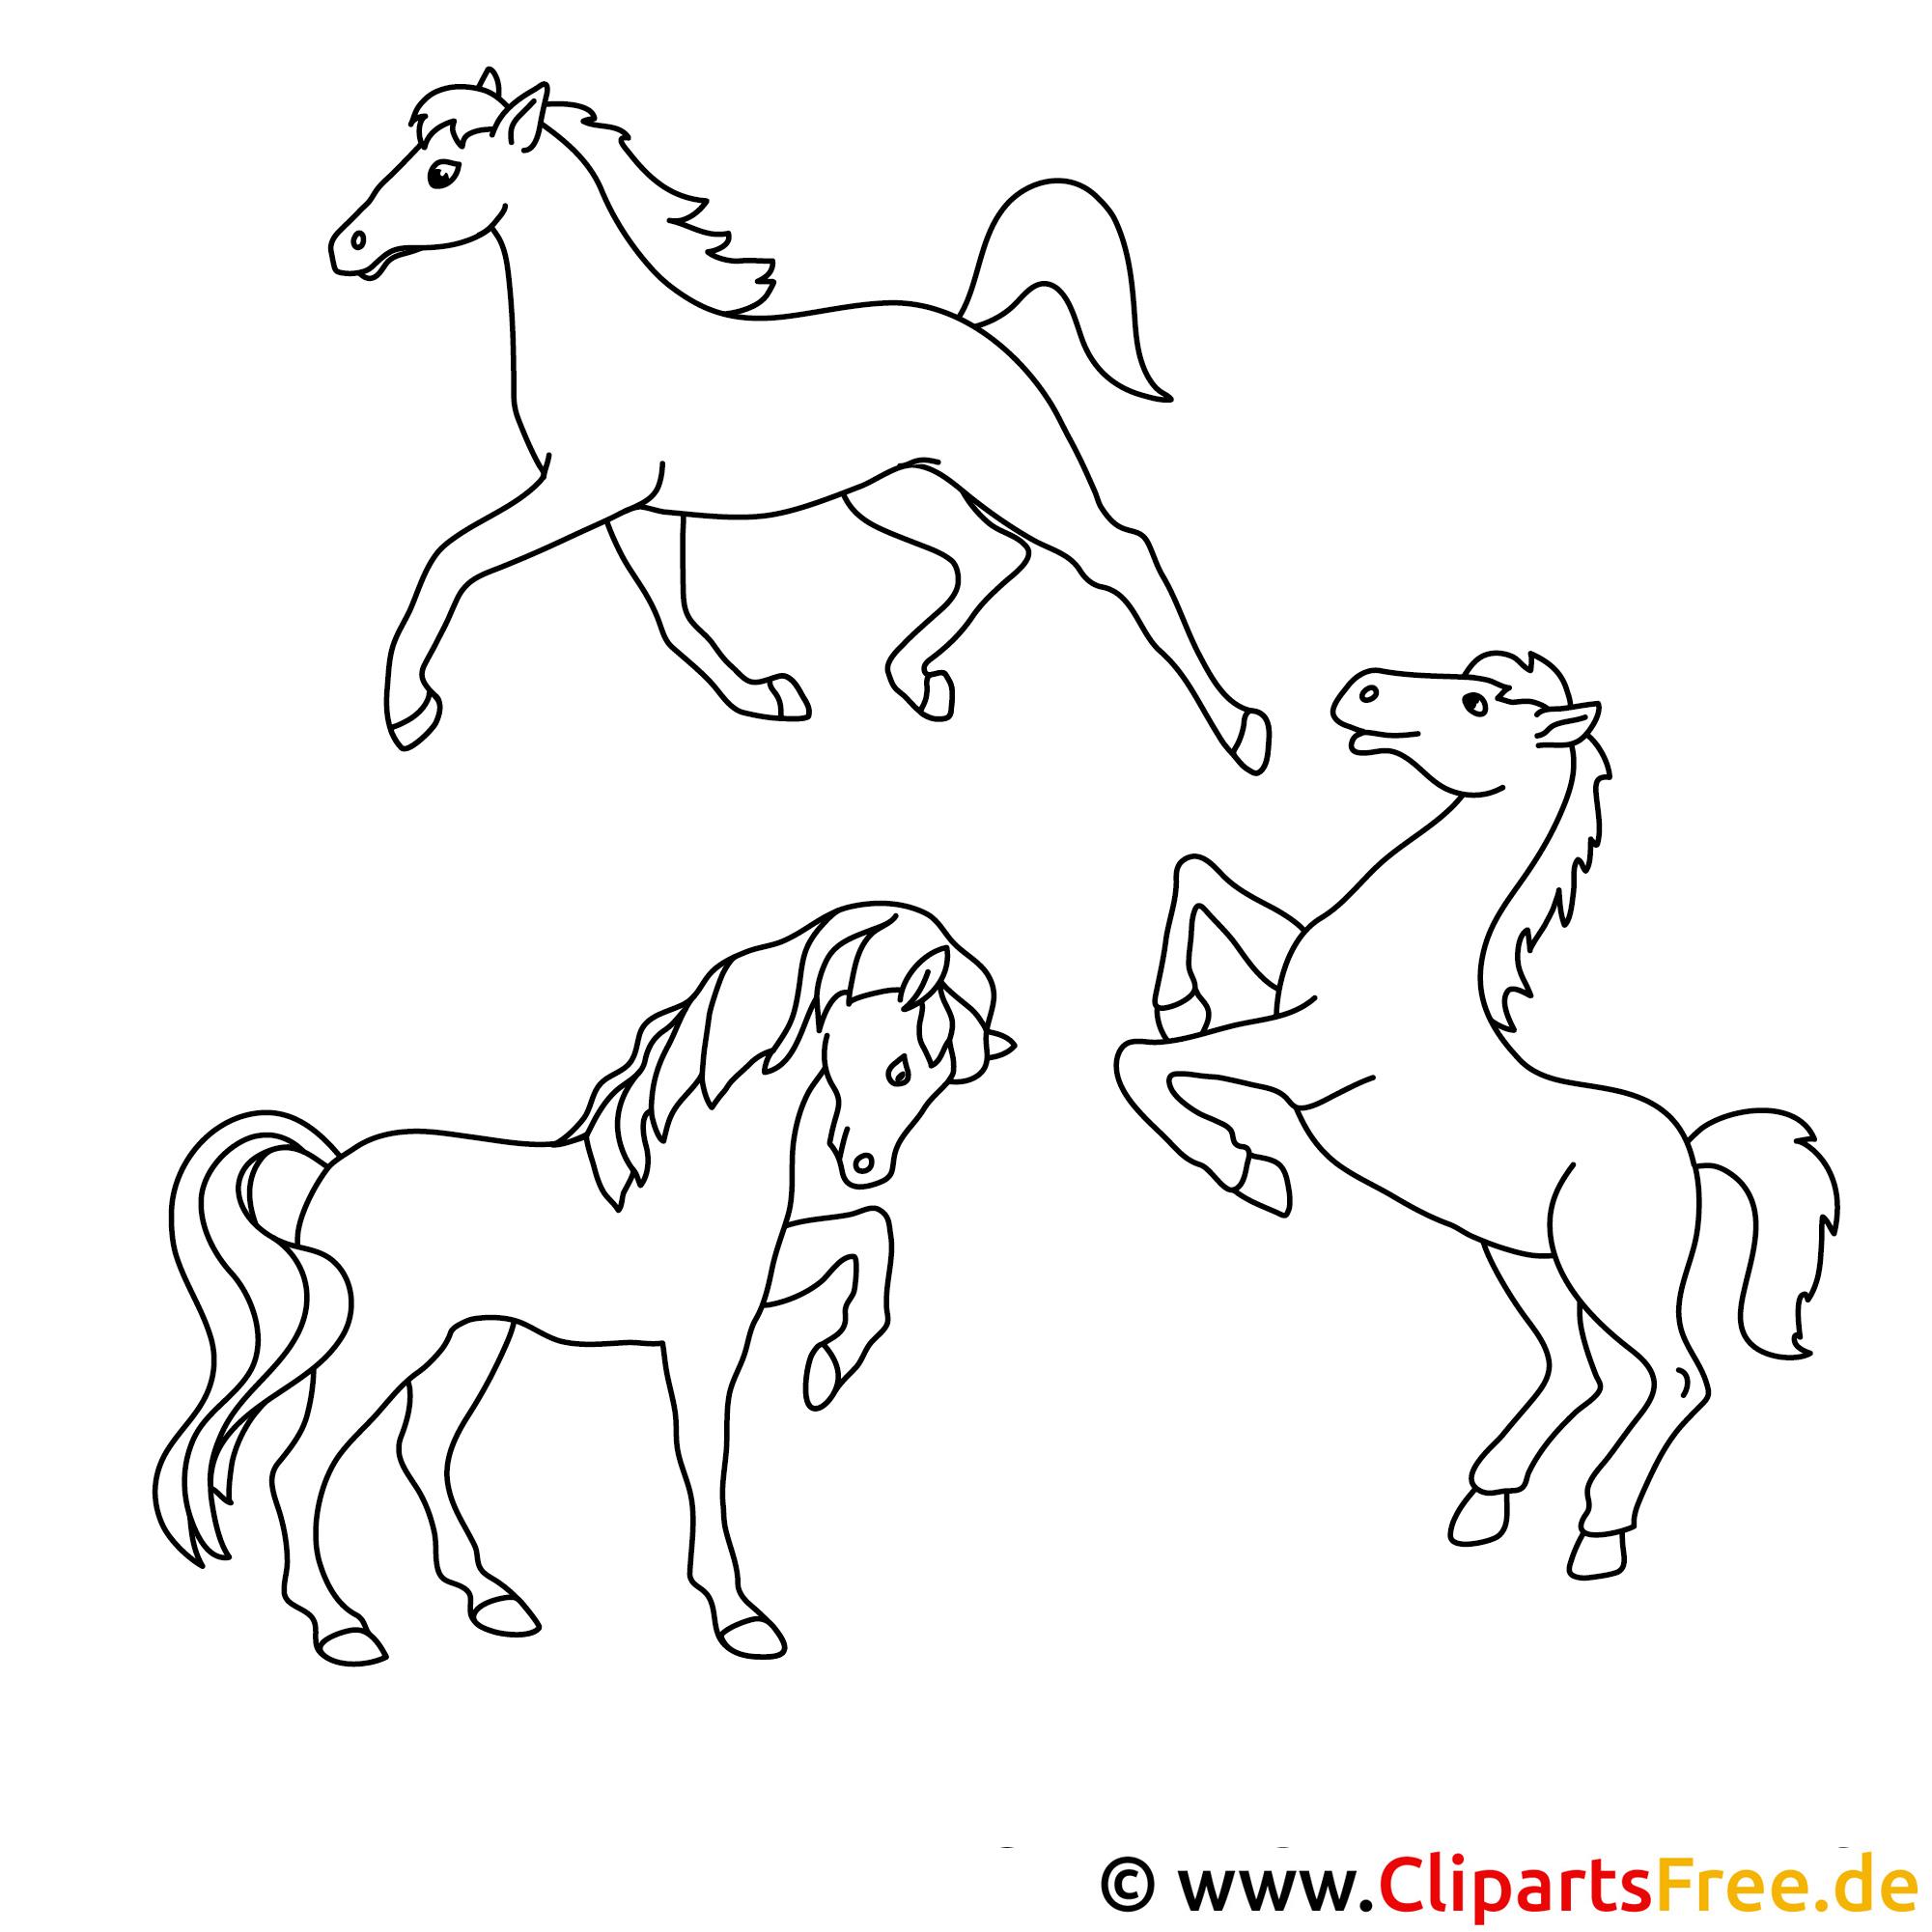 pferde kostenlose malvorlagen